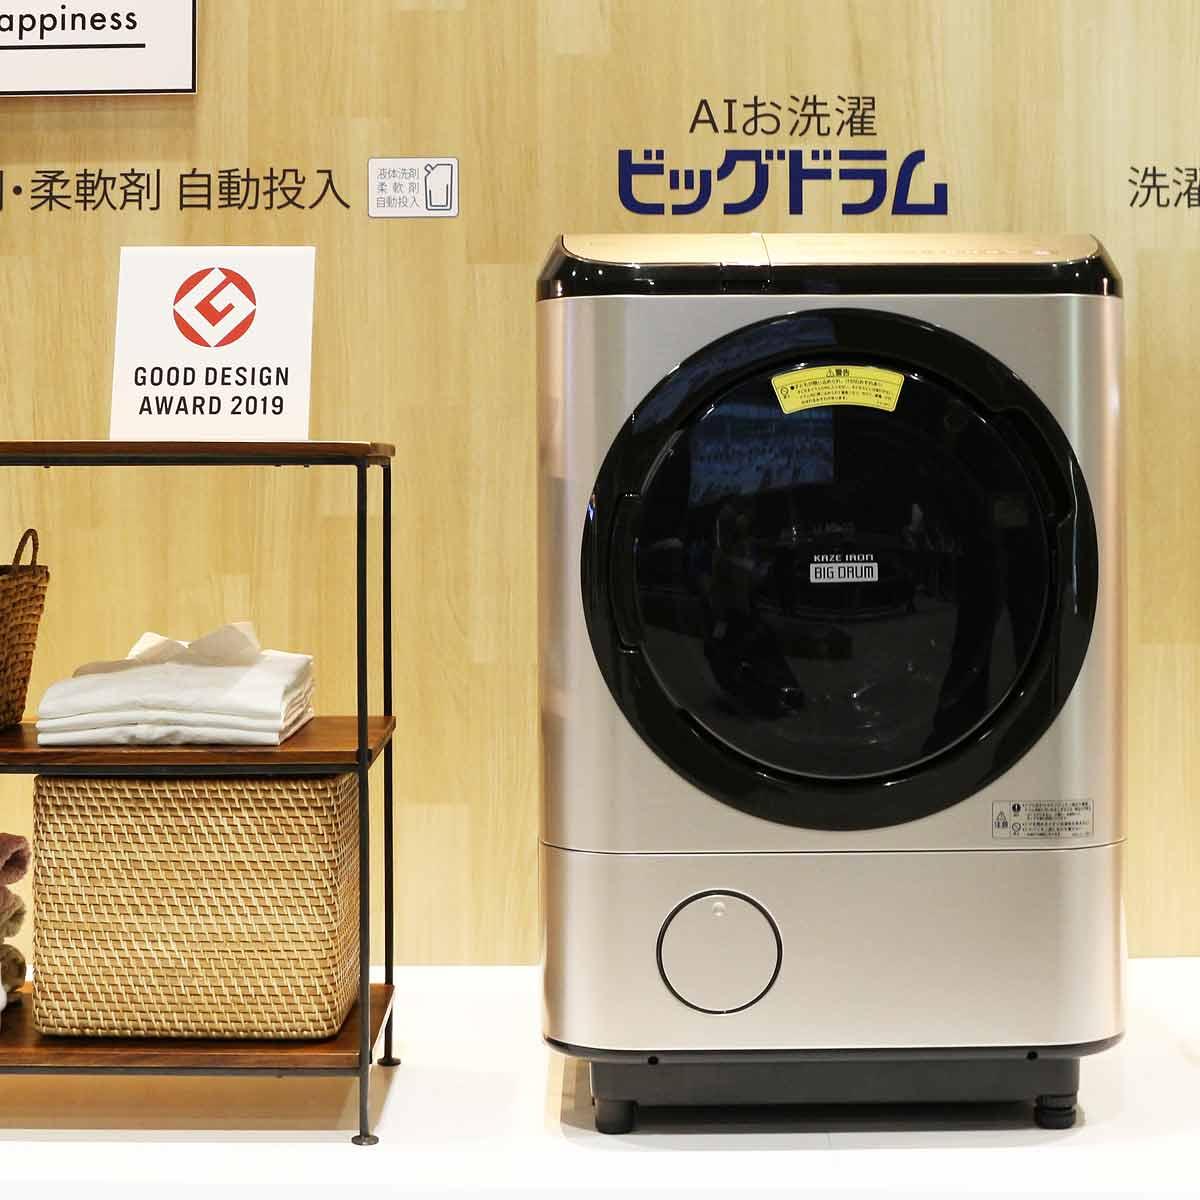 洗剤・柔軟剤自動投入やスマホ連携などトレンド機能を搭載した日立の新・洗濯乾燥機が登場